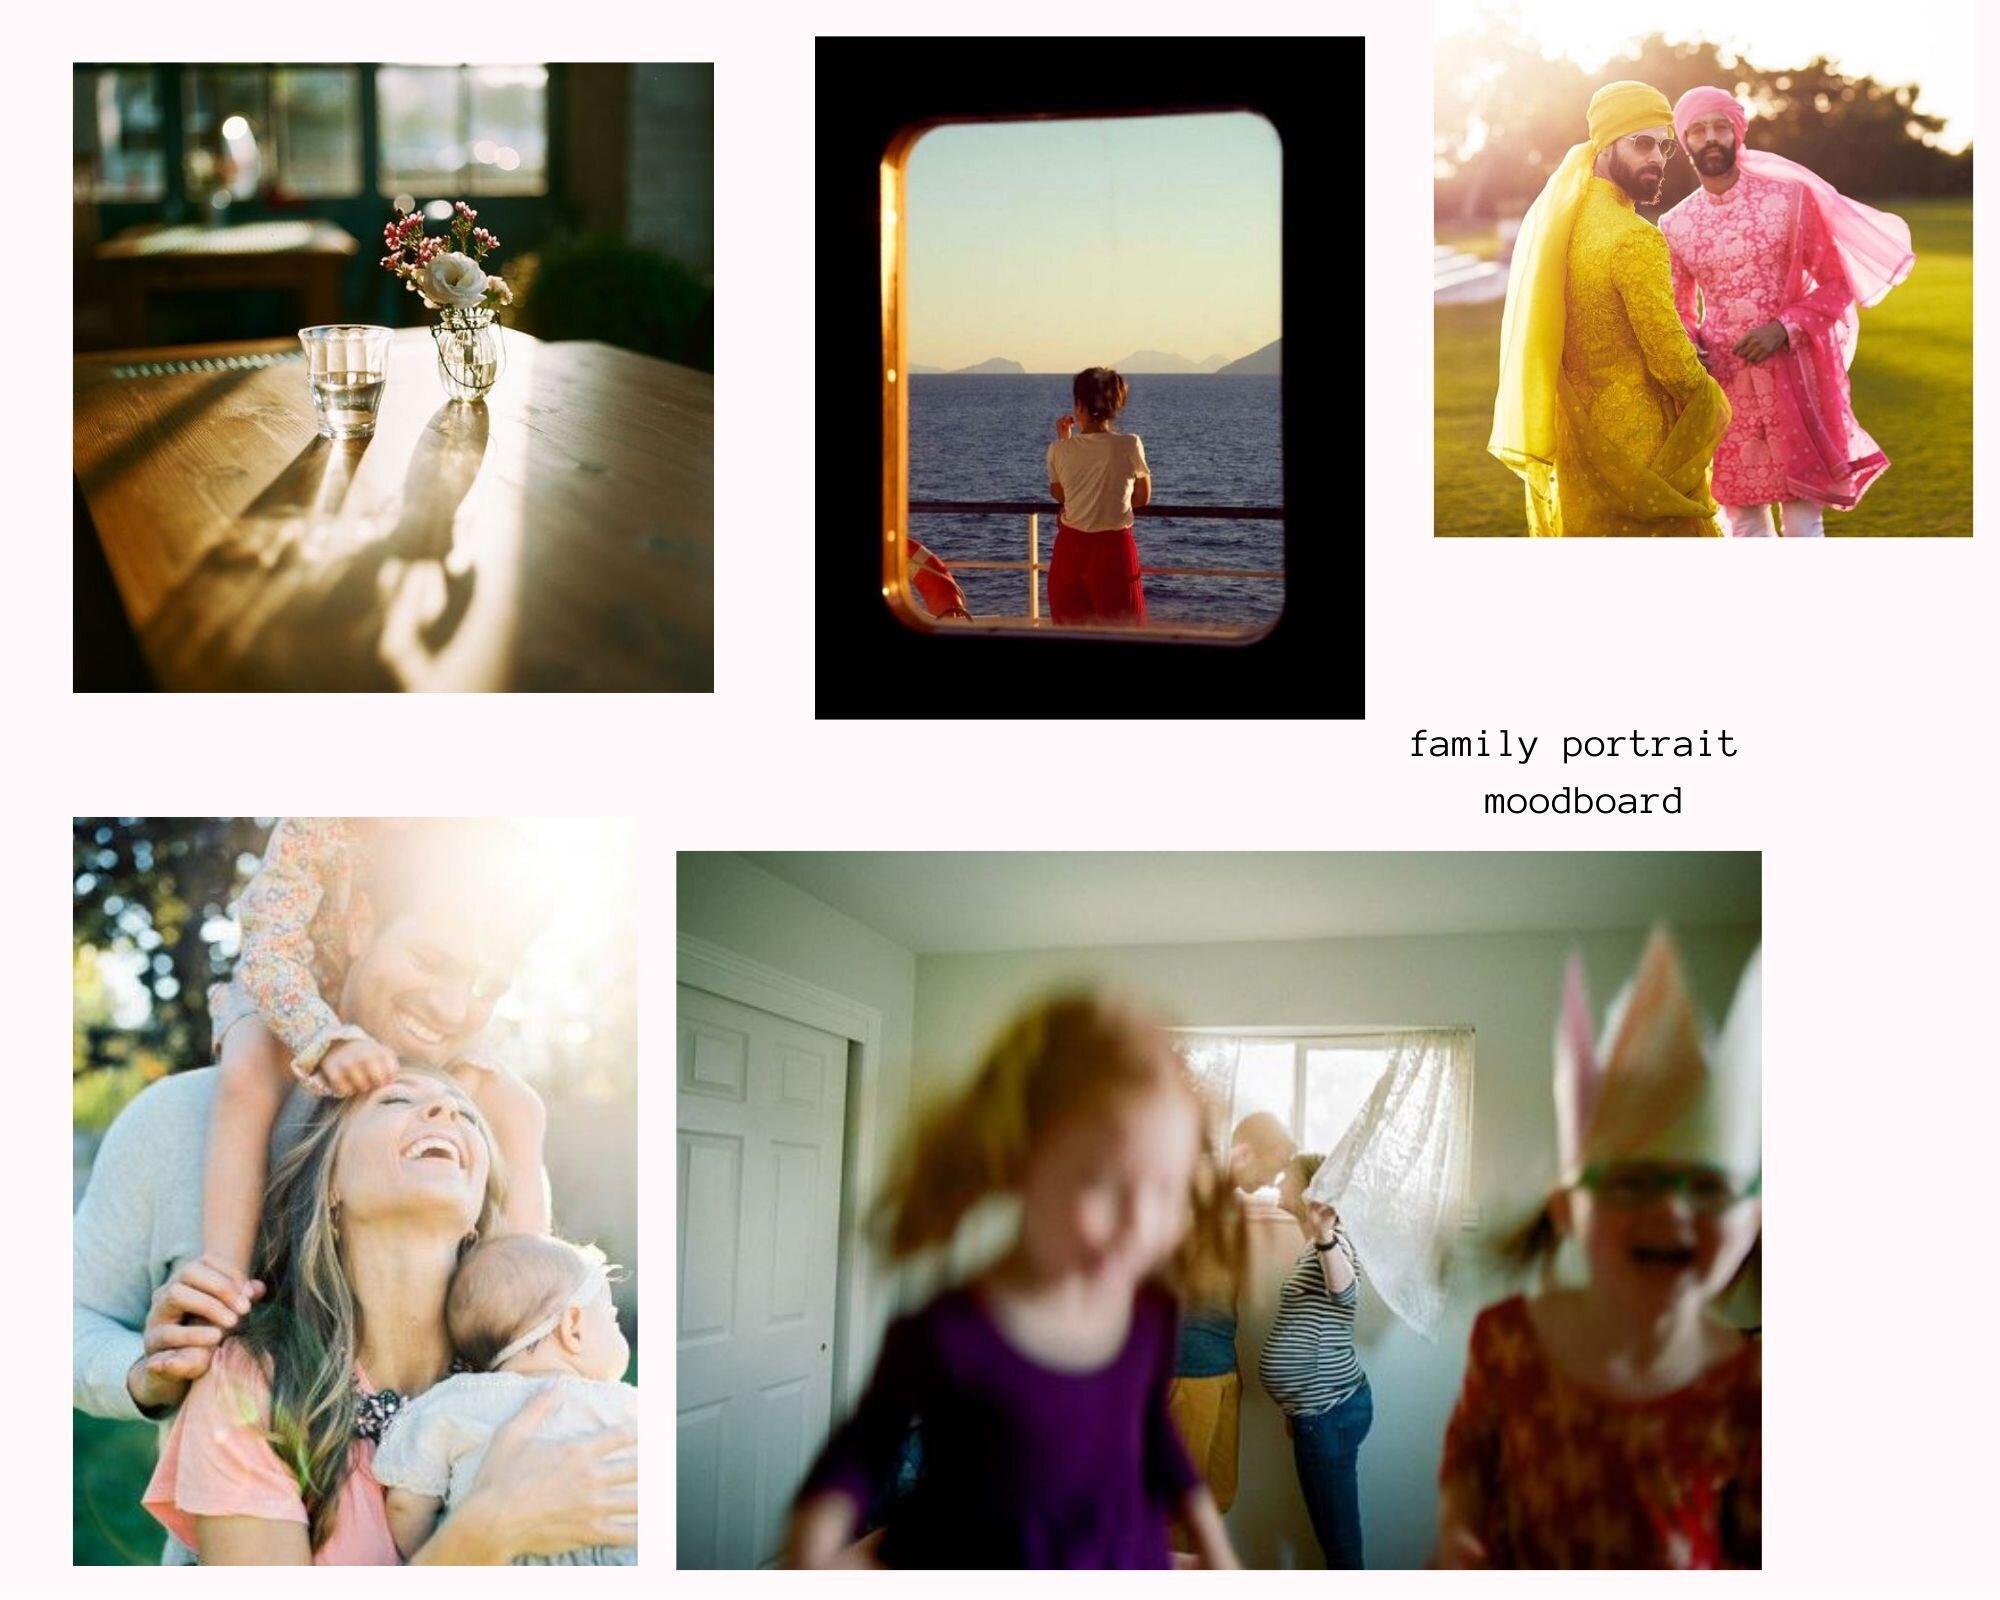 family-portrait-moodboard